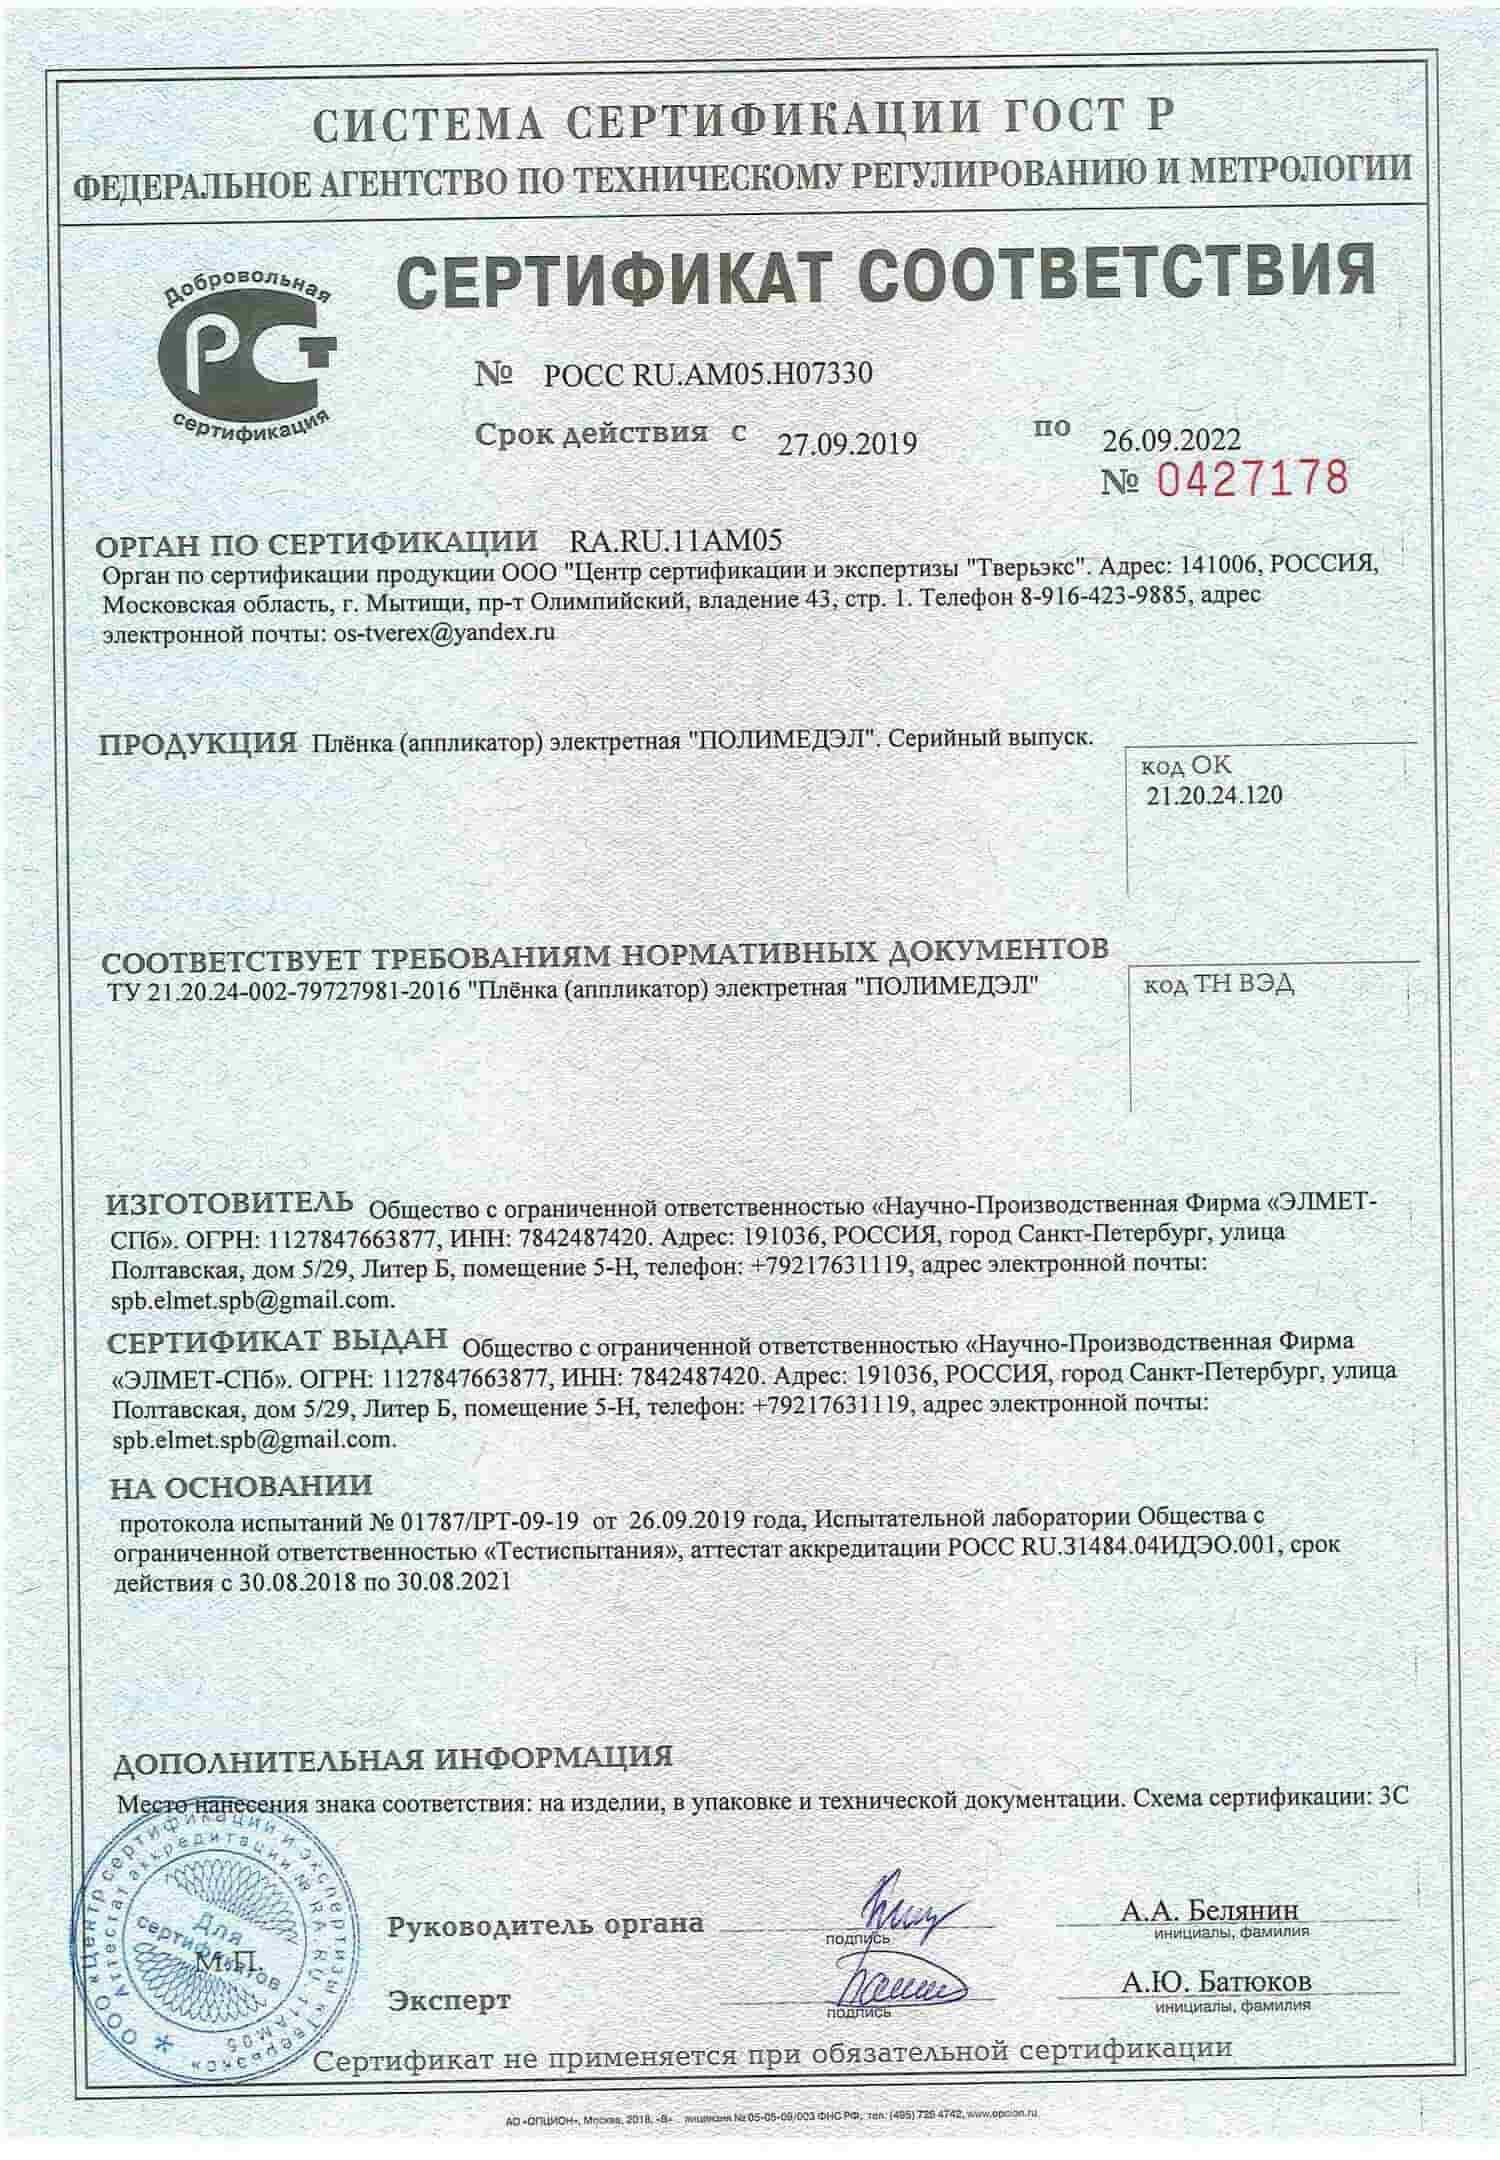 Polimedel Certifikat 2